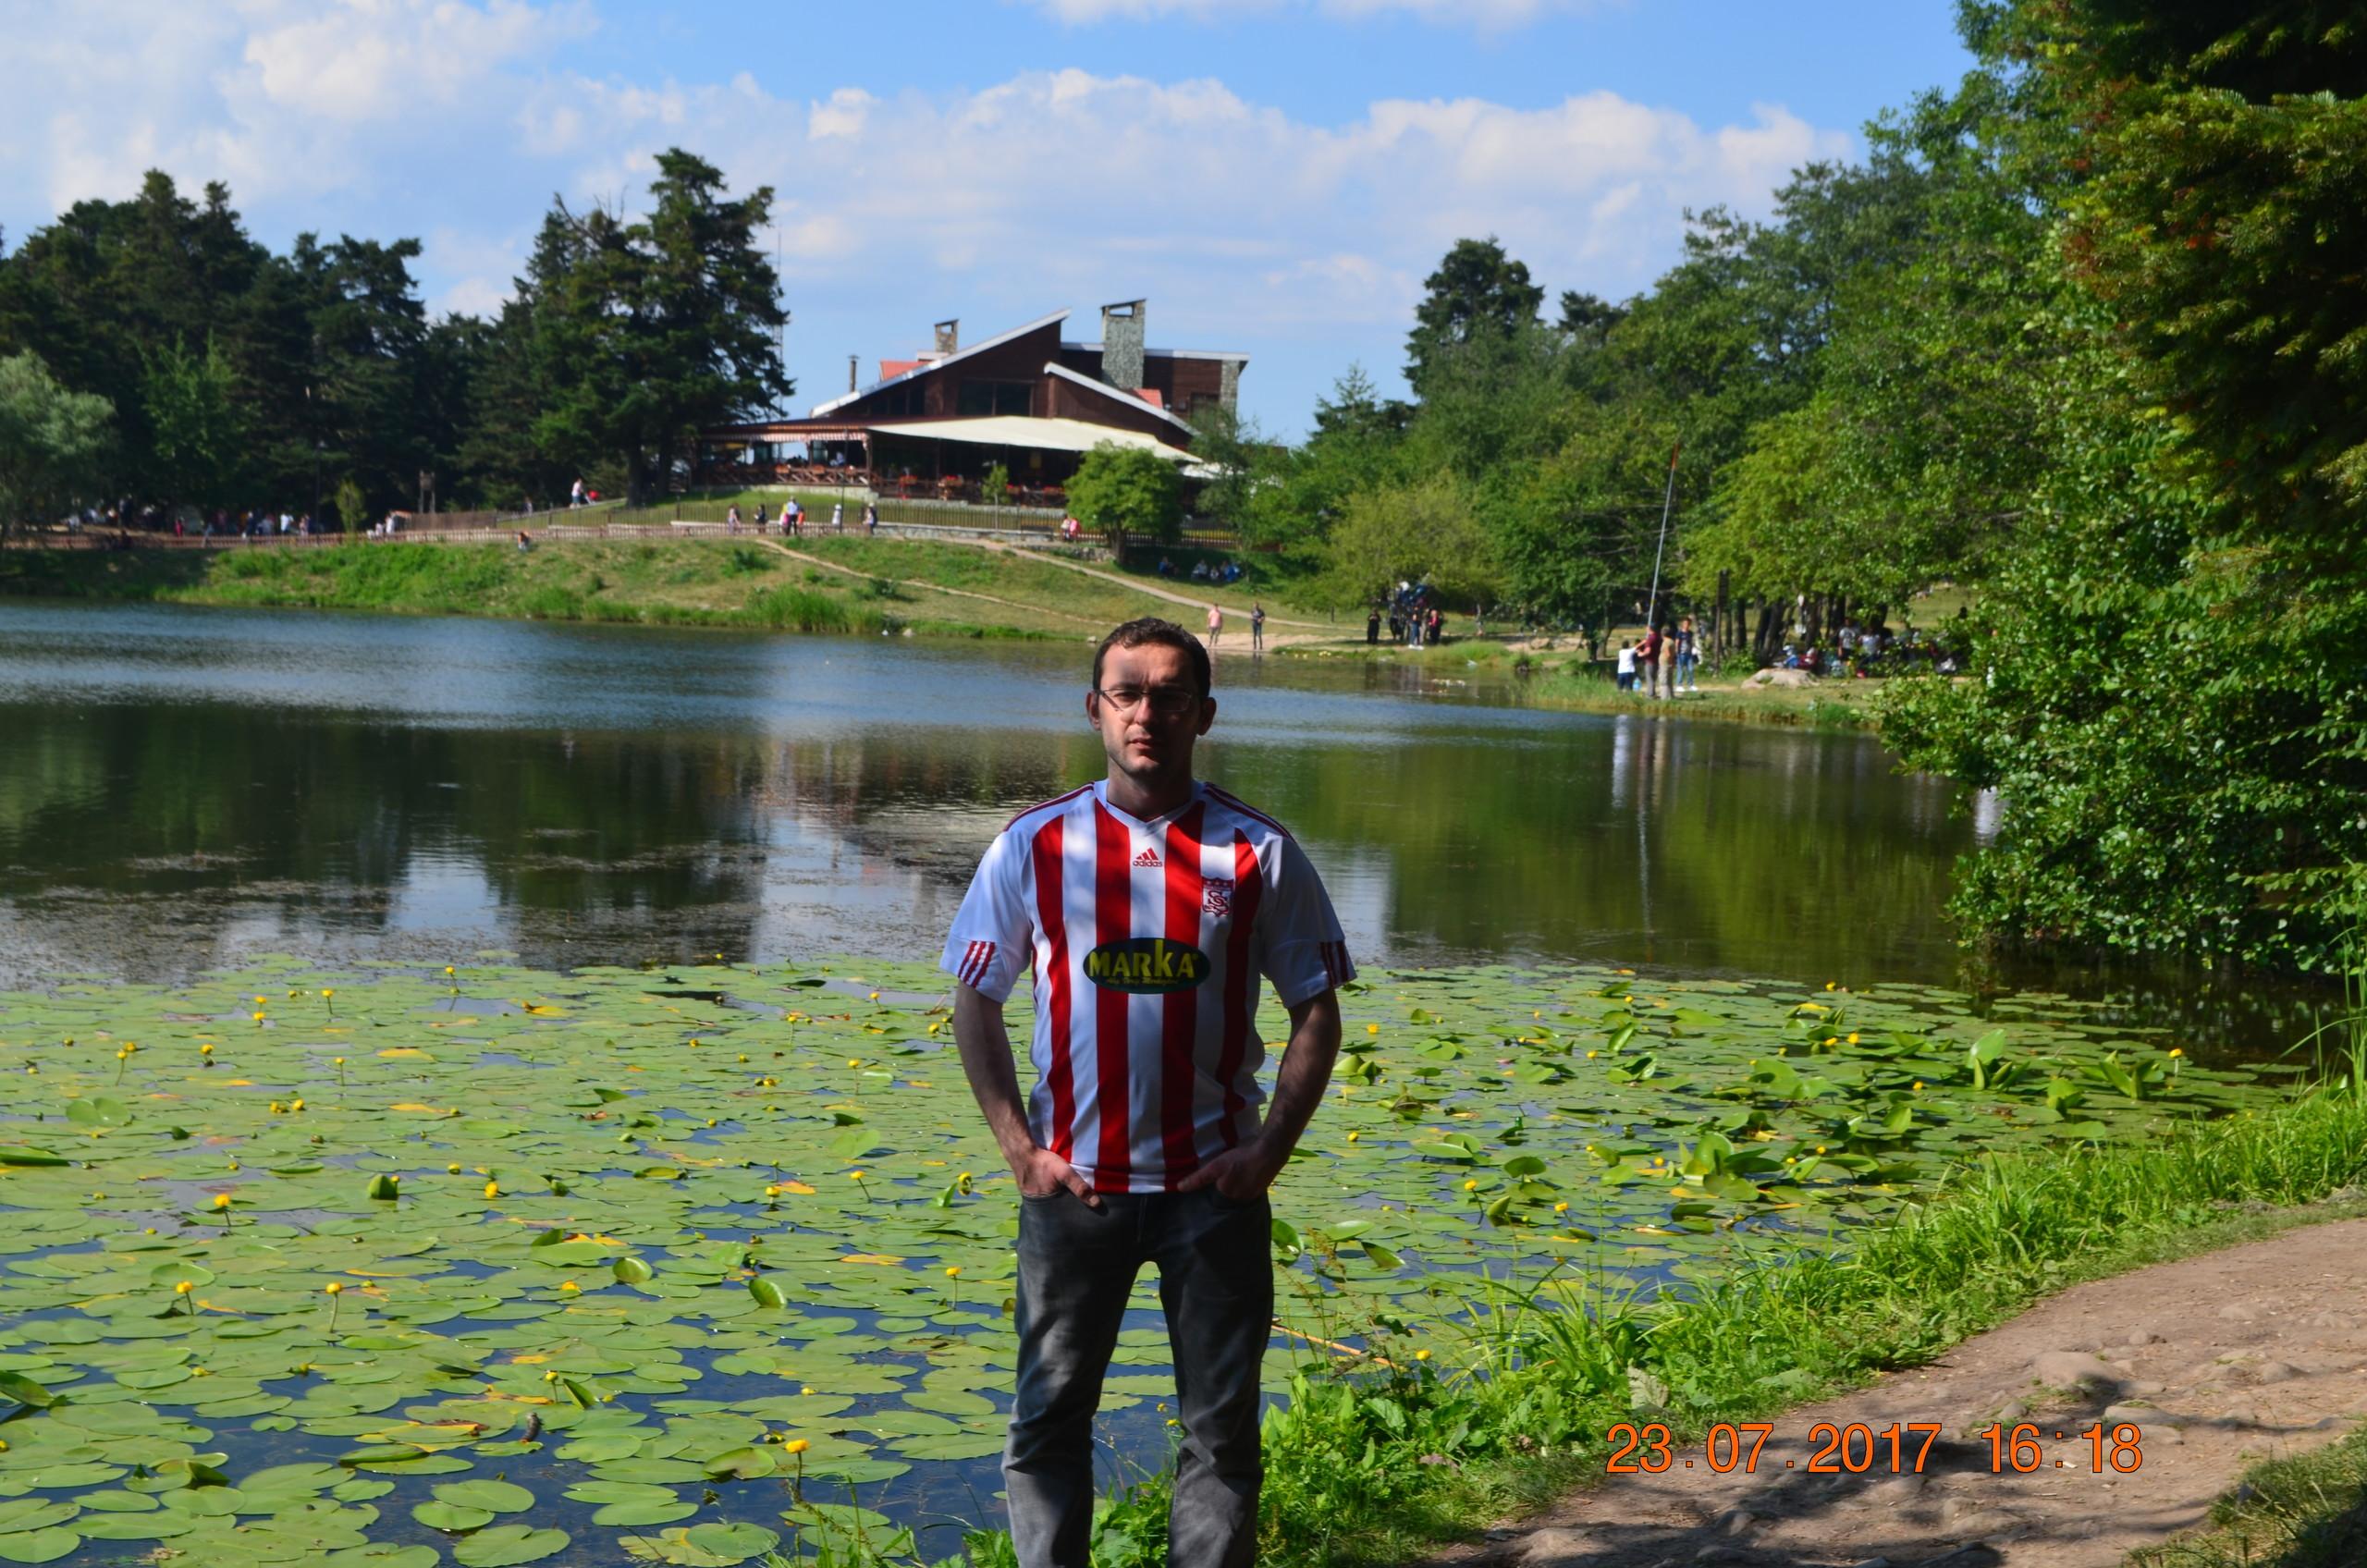 i.hizliresim.com/mkNER2.jpg